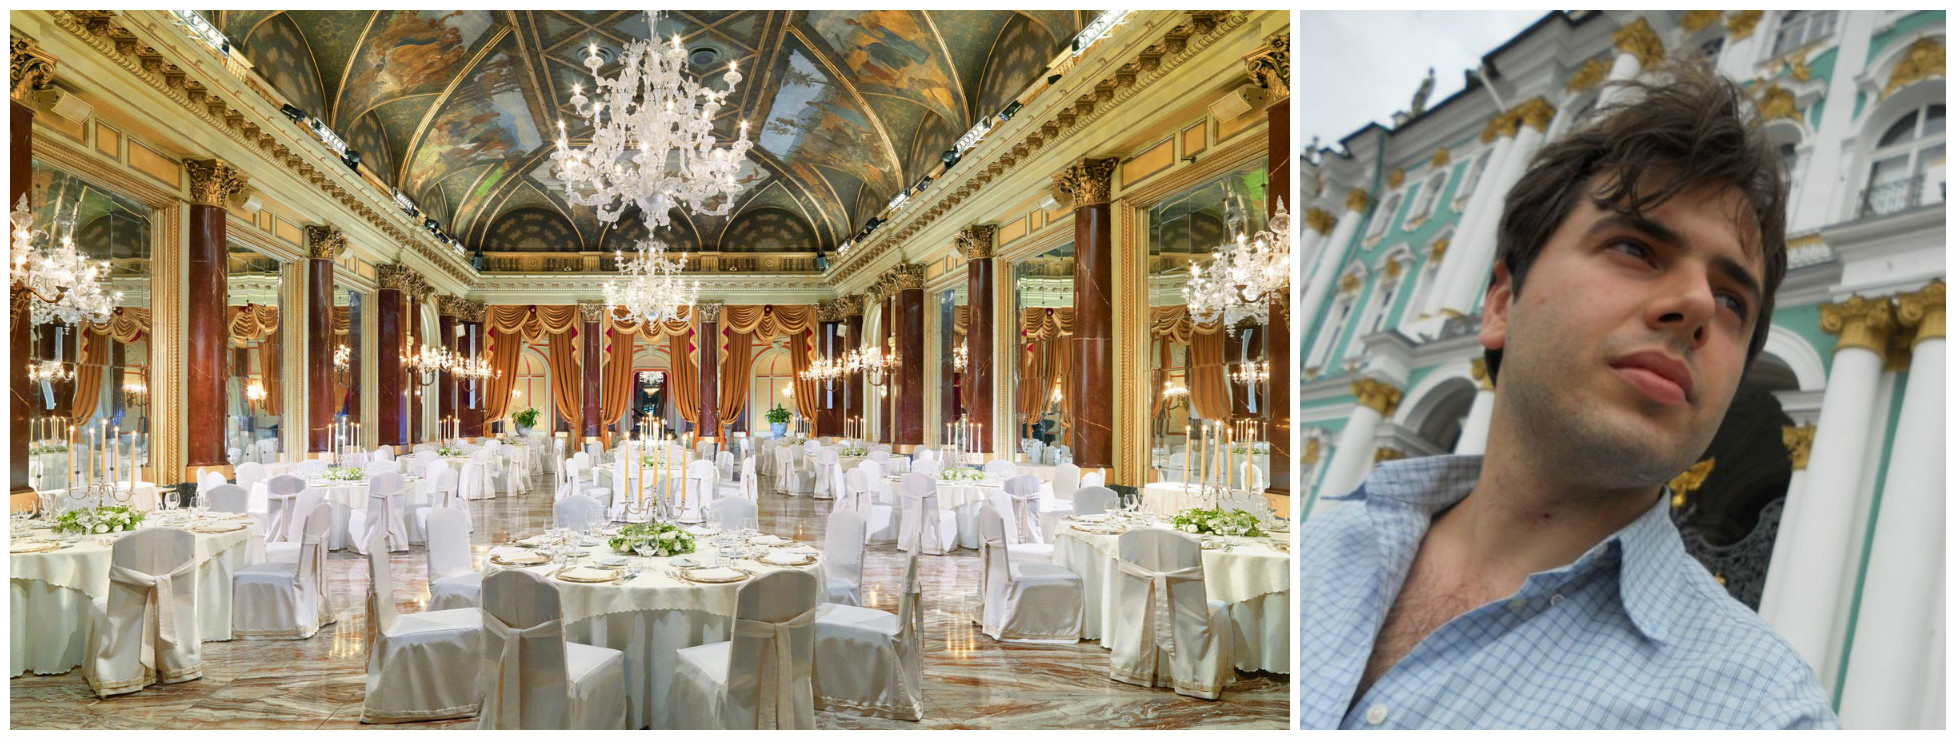 Джулио Гарджулло при помощи дронов продемонстрировал всю роскошь мотеля St. Regis Rome на Большом Русском Балу